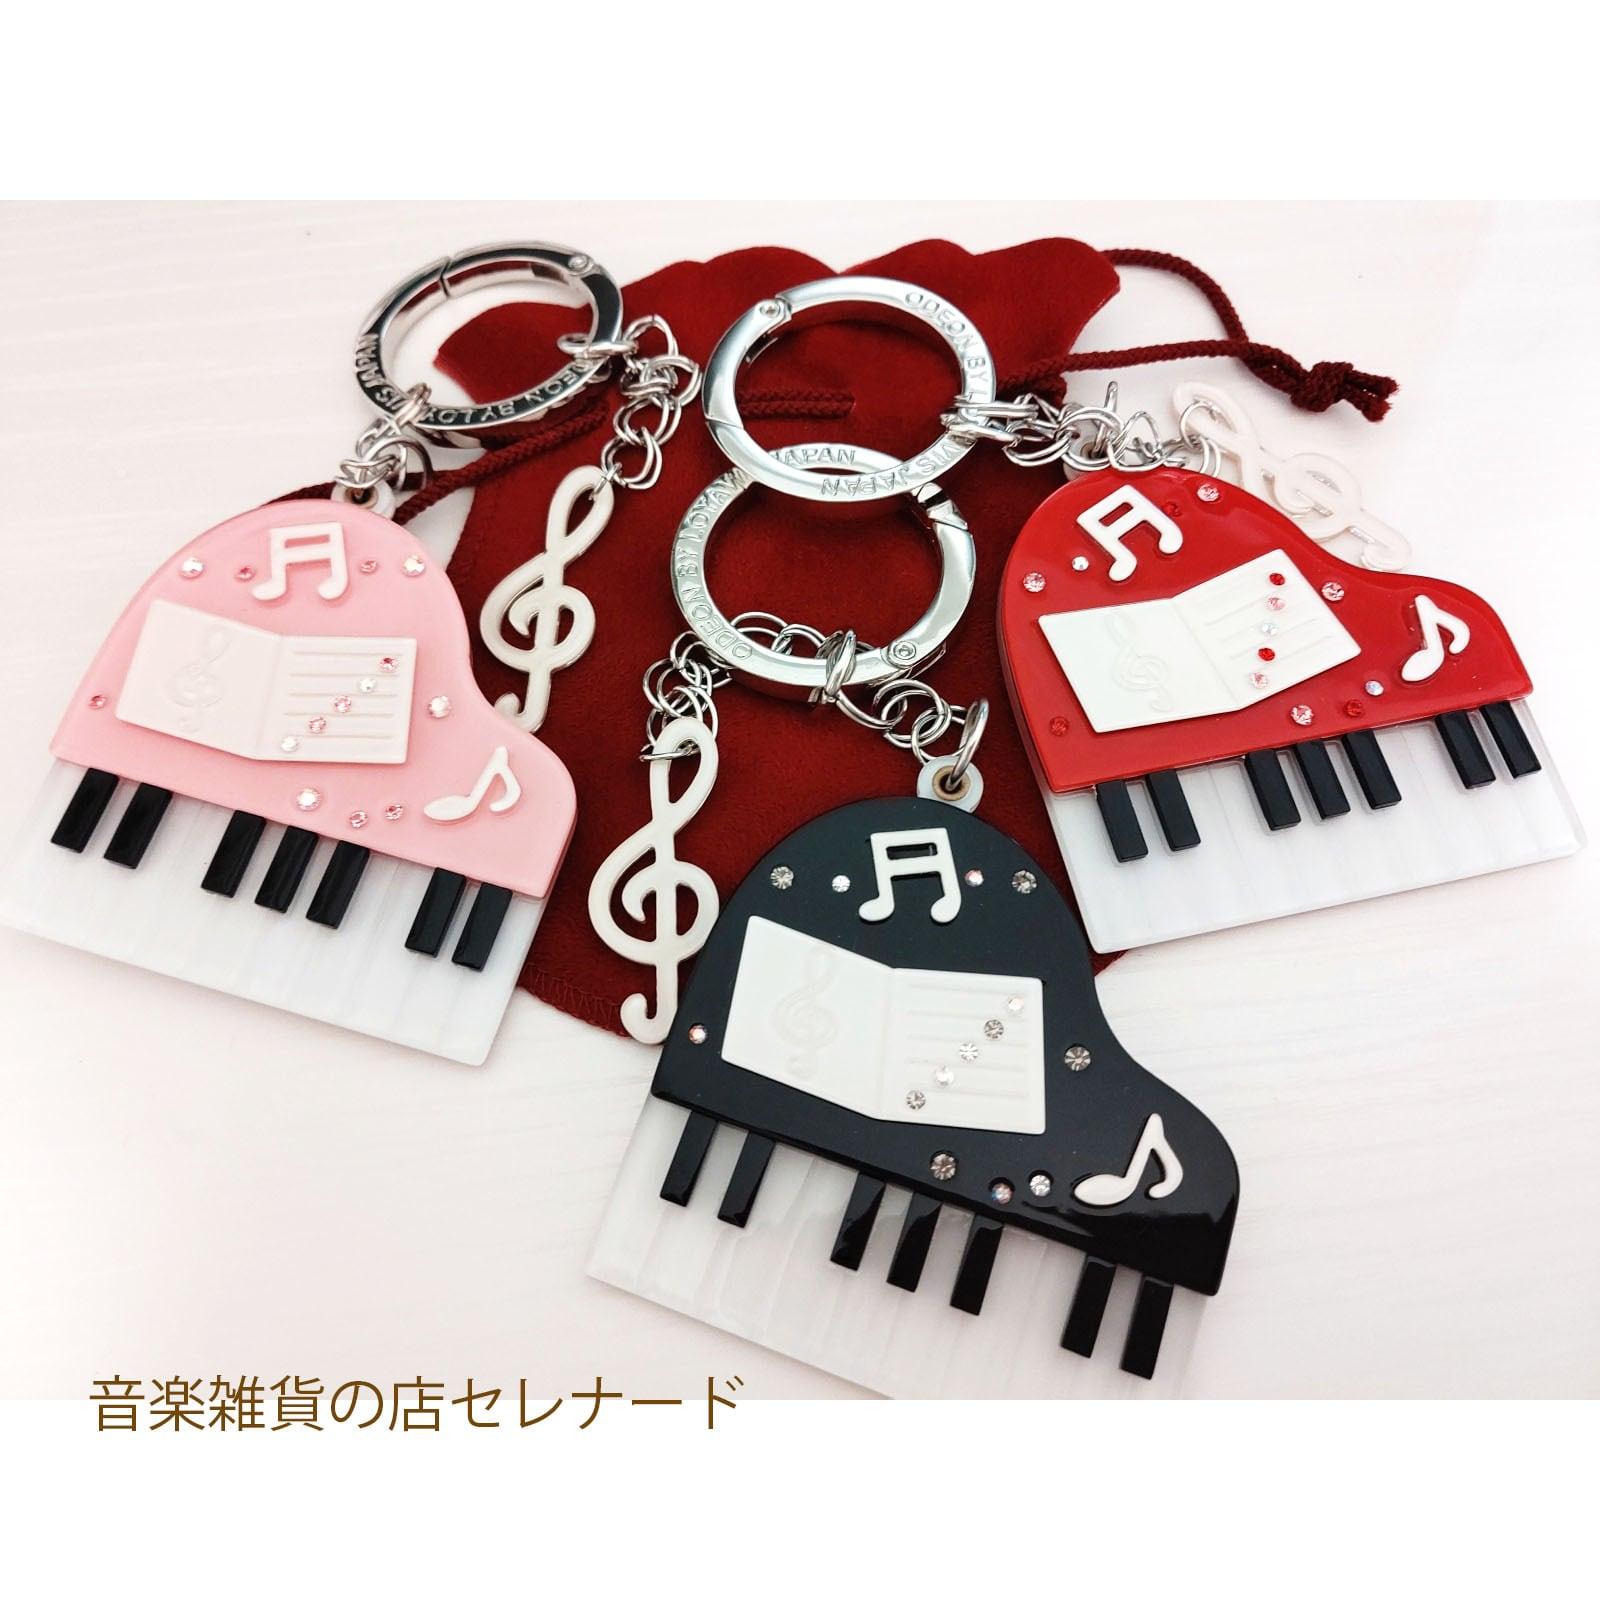 ピアノとト音記号のバッグチャーム ブラック/レッド 巾着付き